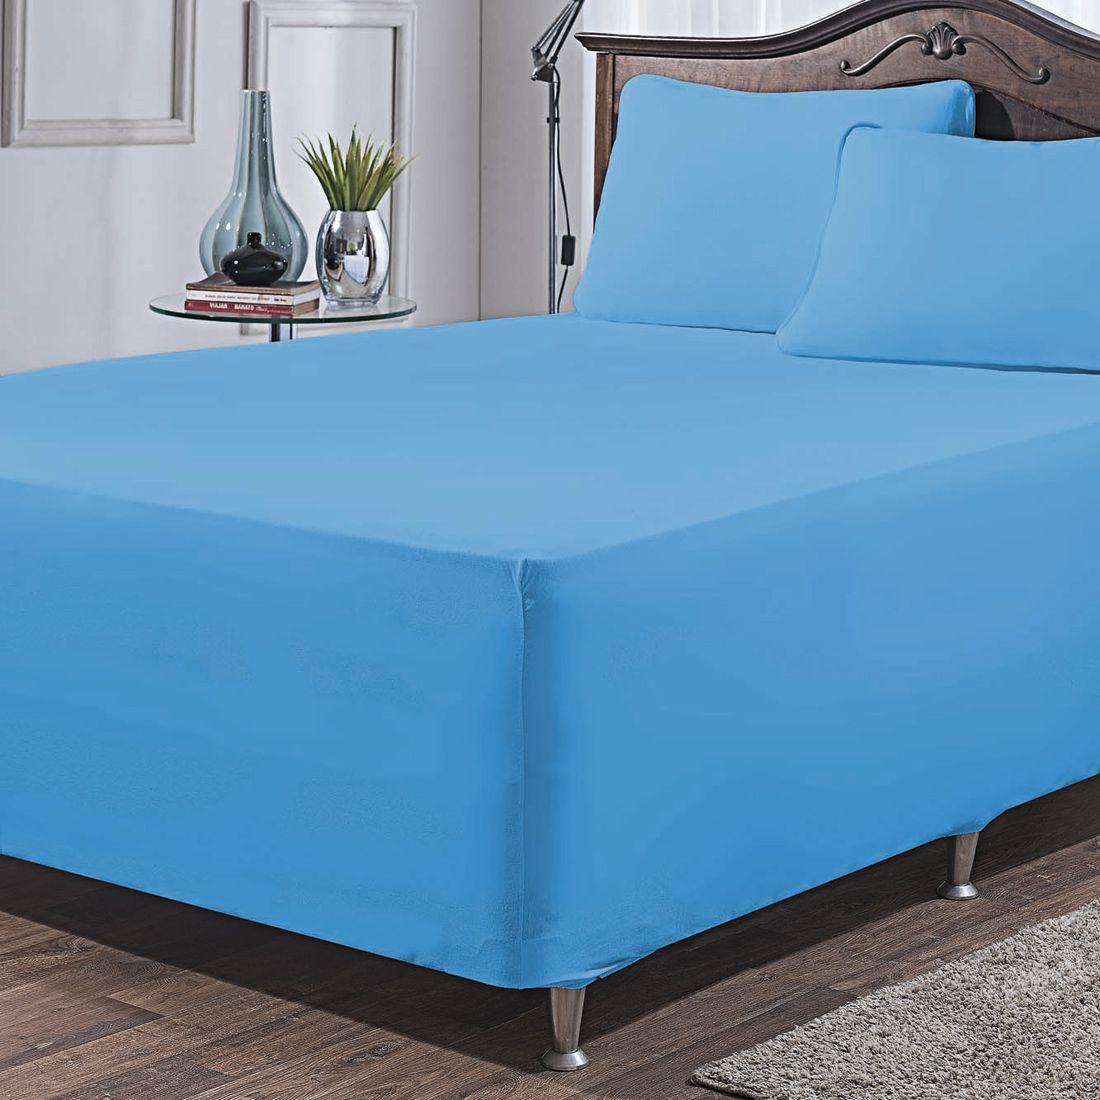 Jogo de Lençol p/ Cama Box Complet Azul Solteiro 02 Peças - Malha 100% Algodão